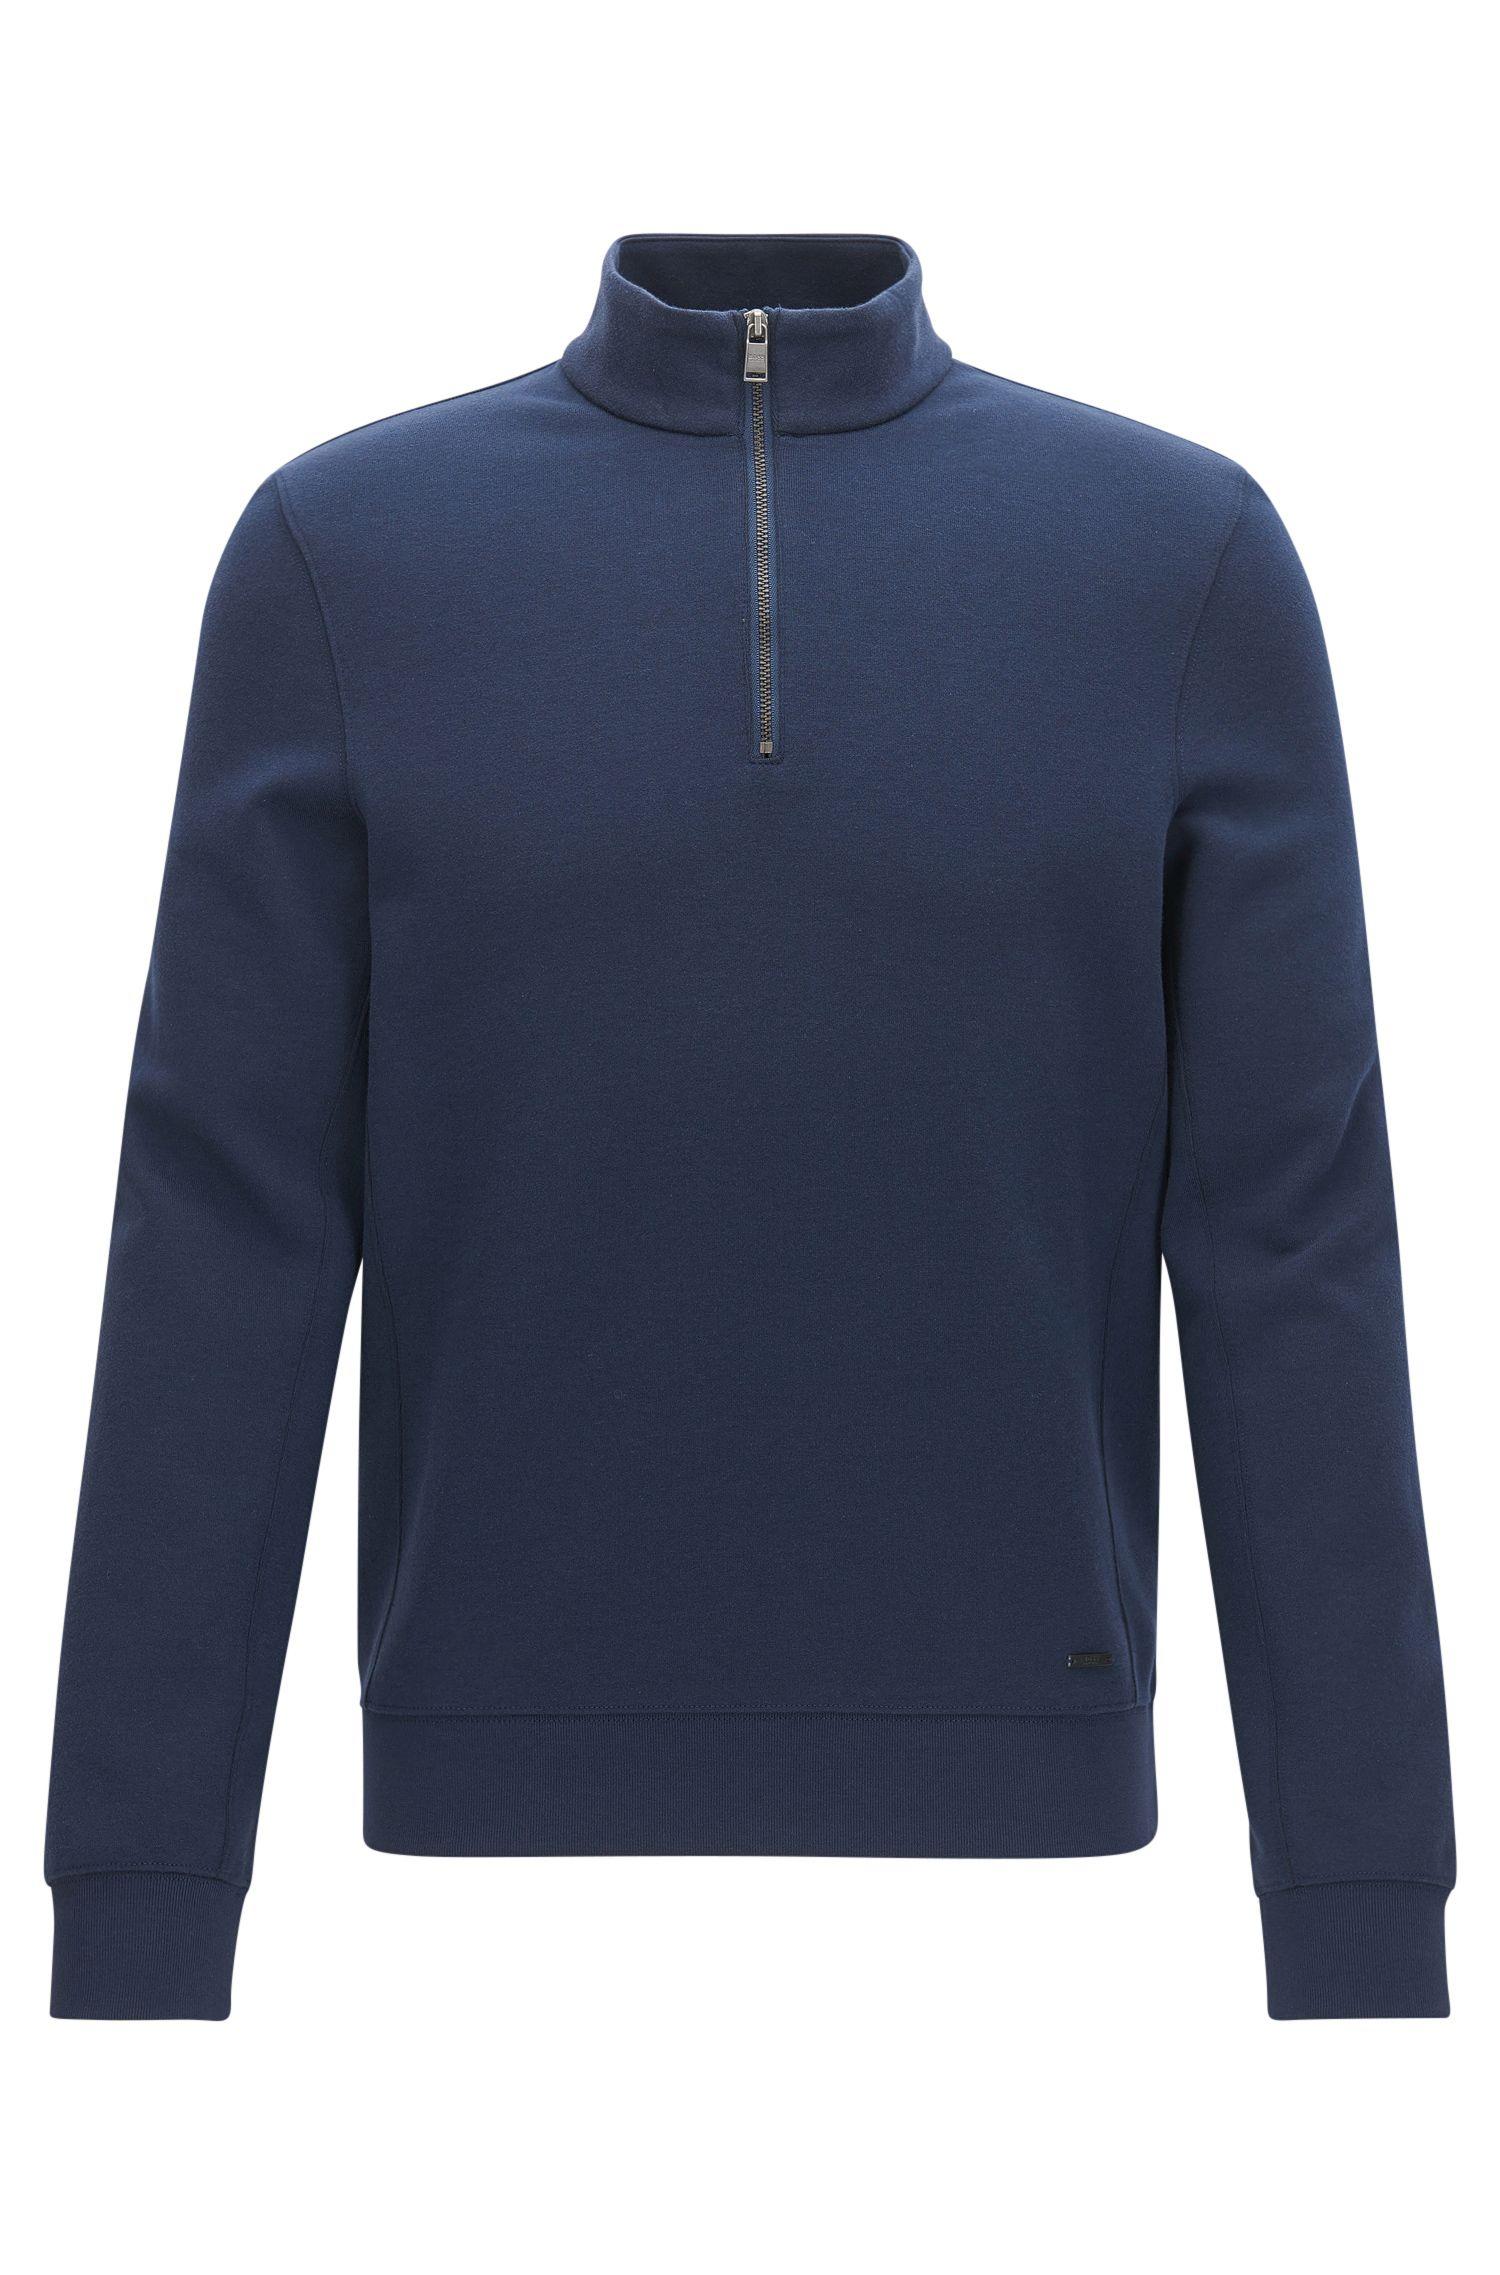 Stretch Cotton Half-Zip Sweater   Siegal